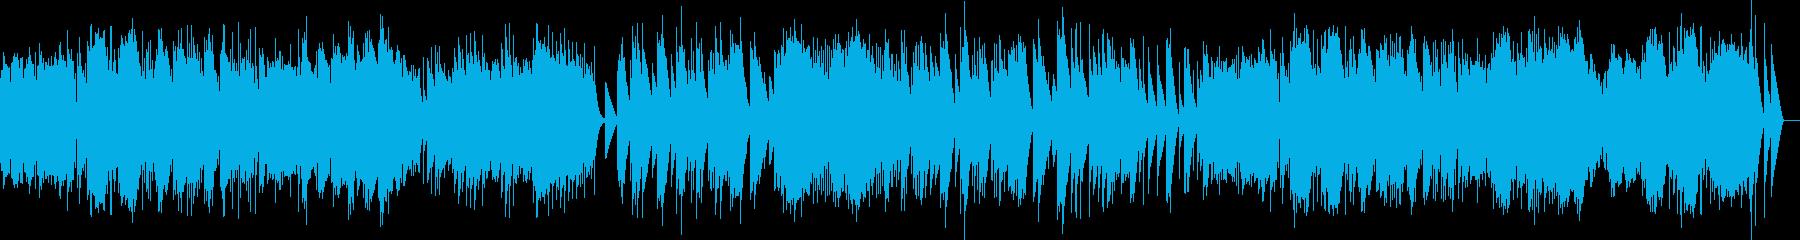 2つのアラベスク 第1番 (オルゴール)の再生済みの波形